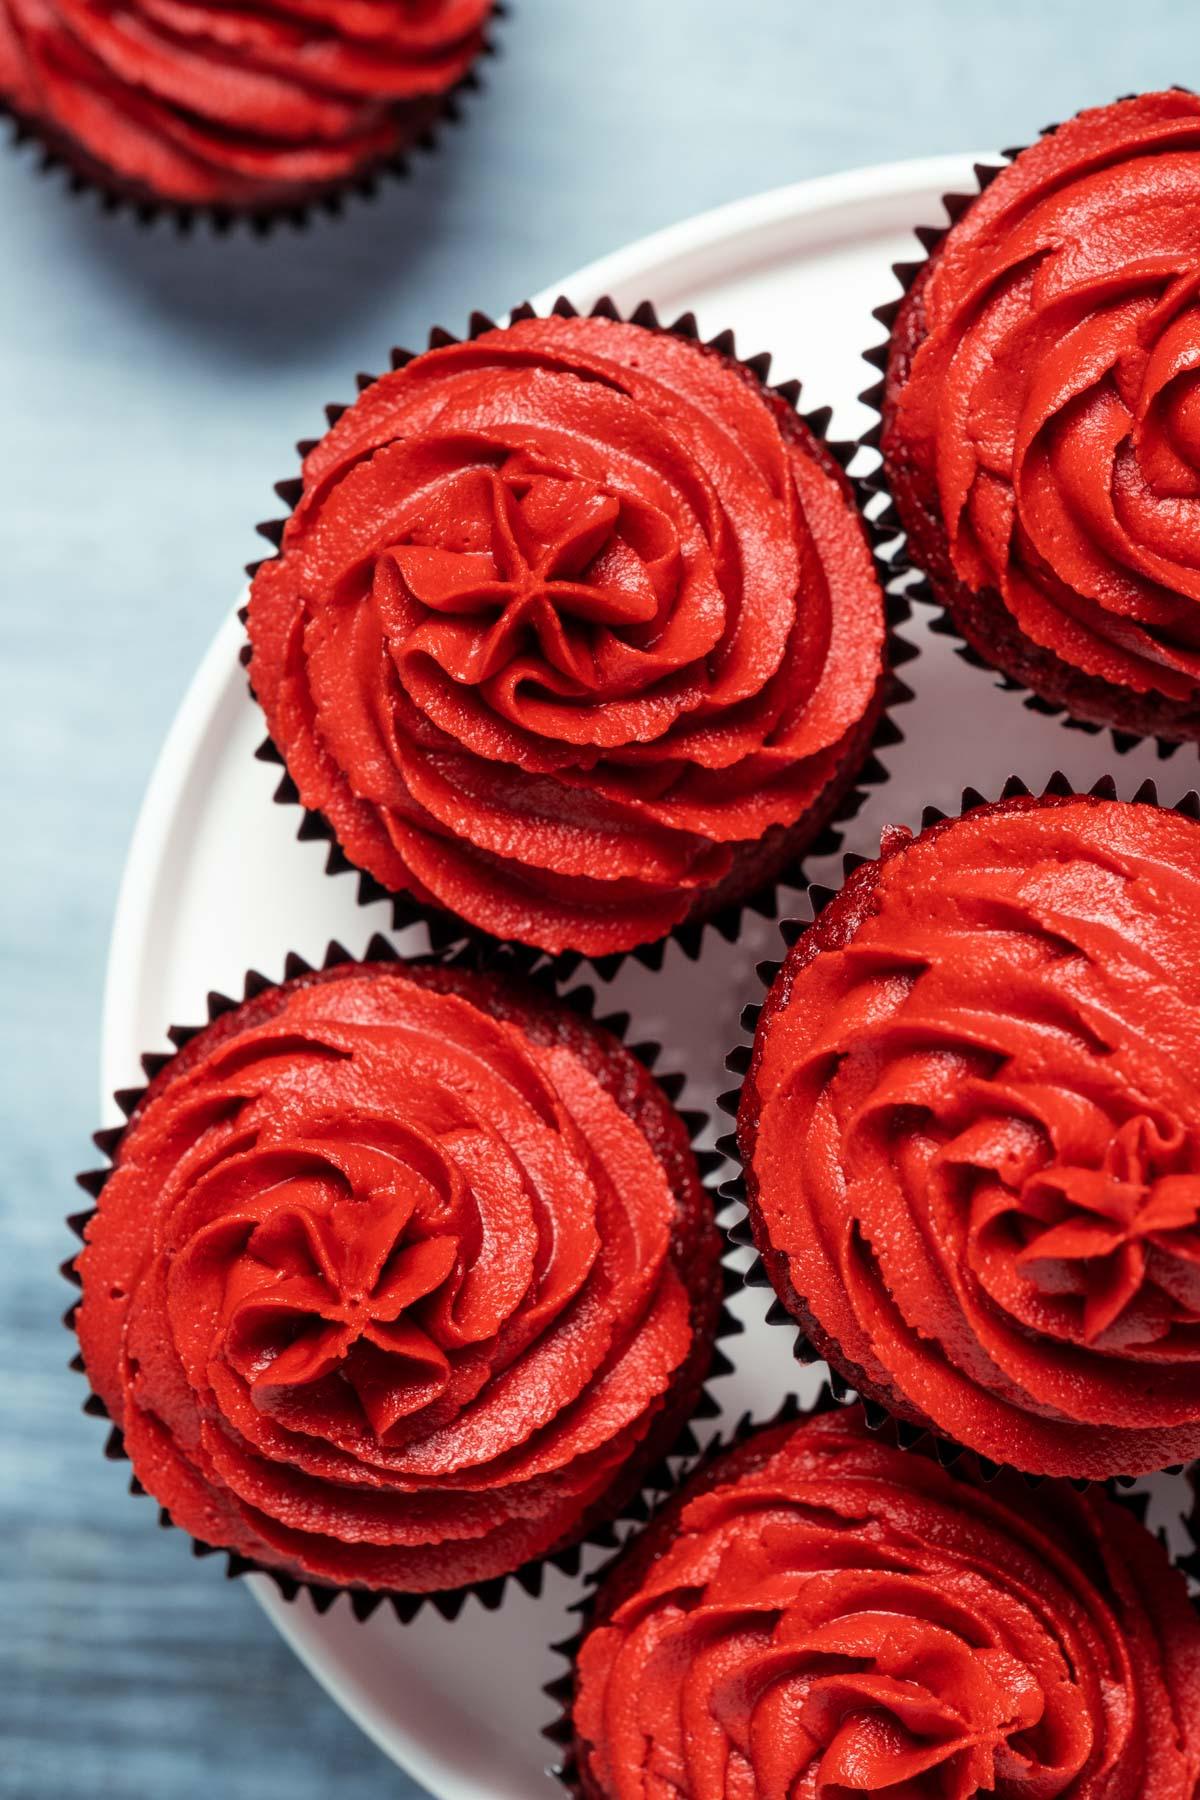 Vegan red velvet cupcakes on a white cake stand.